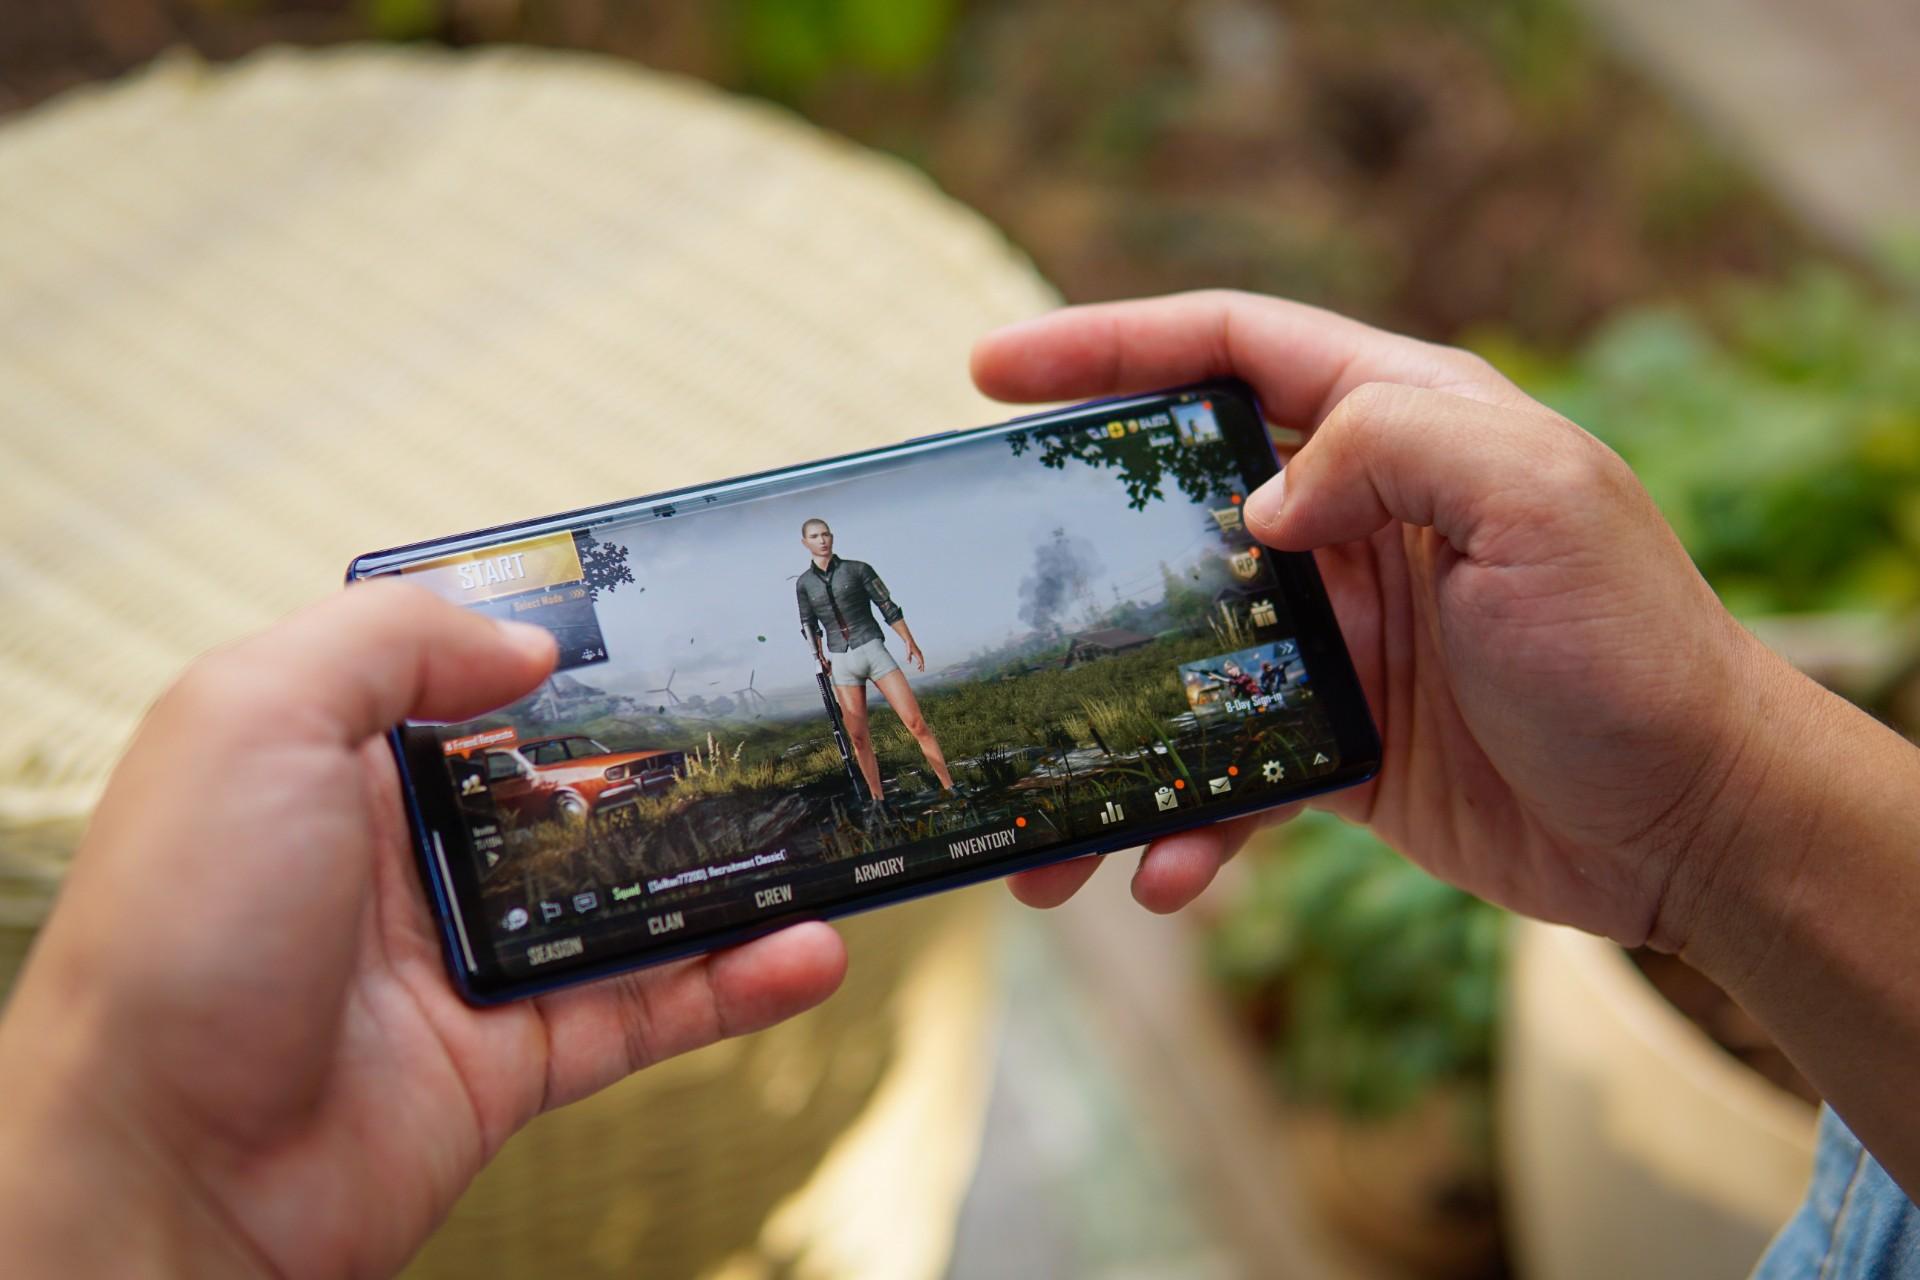 Đánh giá hiệu năng Galaxy Note9: mượt mà, mát mẻ, mê